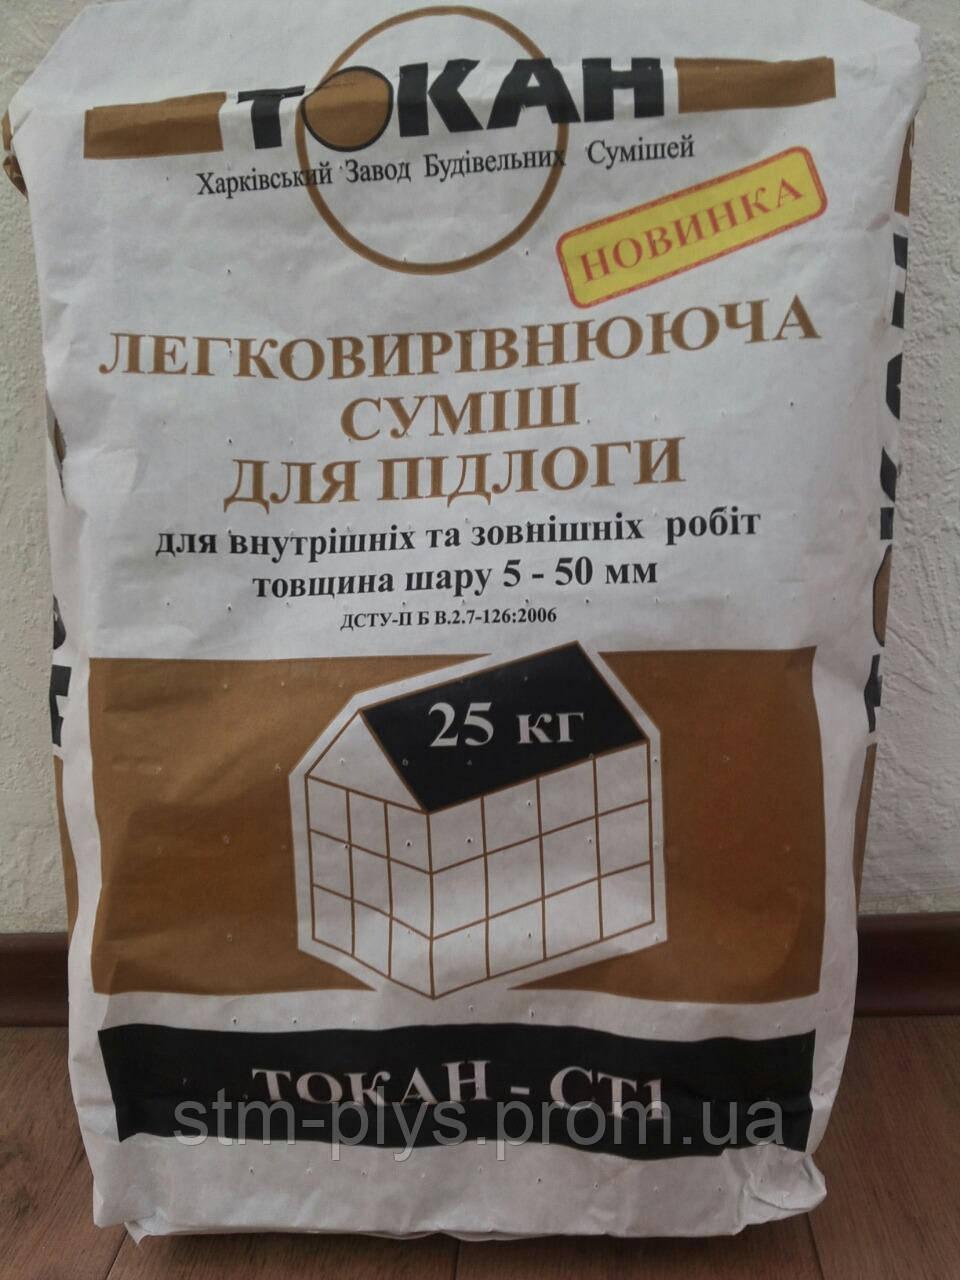 Легковыравниваемая смесь для пола ТОКАН-СТ1 (М150), цвет светло-серый (25 кг) - СПЕЦТЕХМОНТАЖ в Харькове